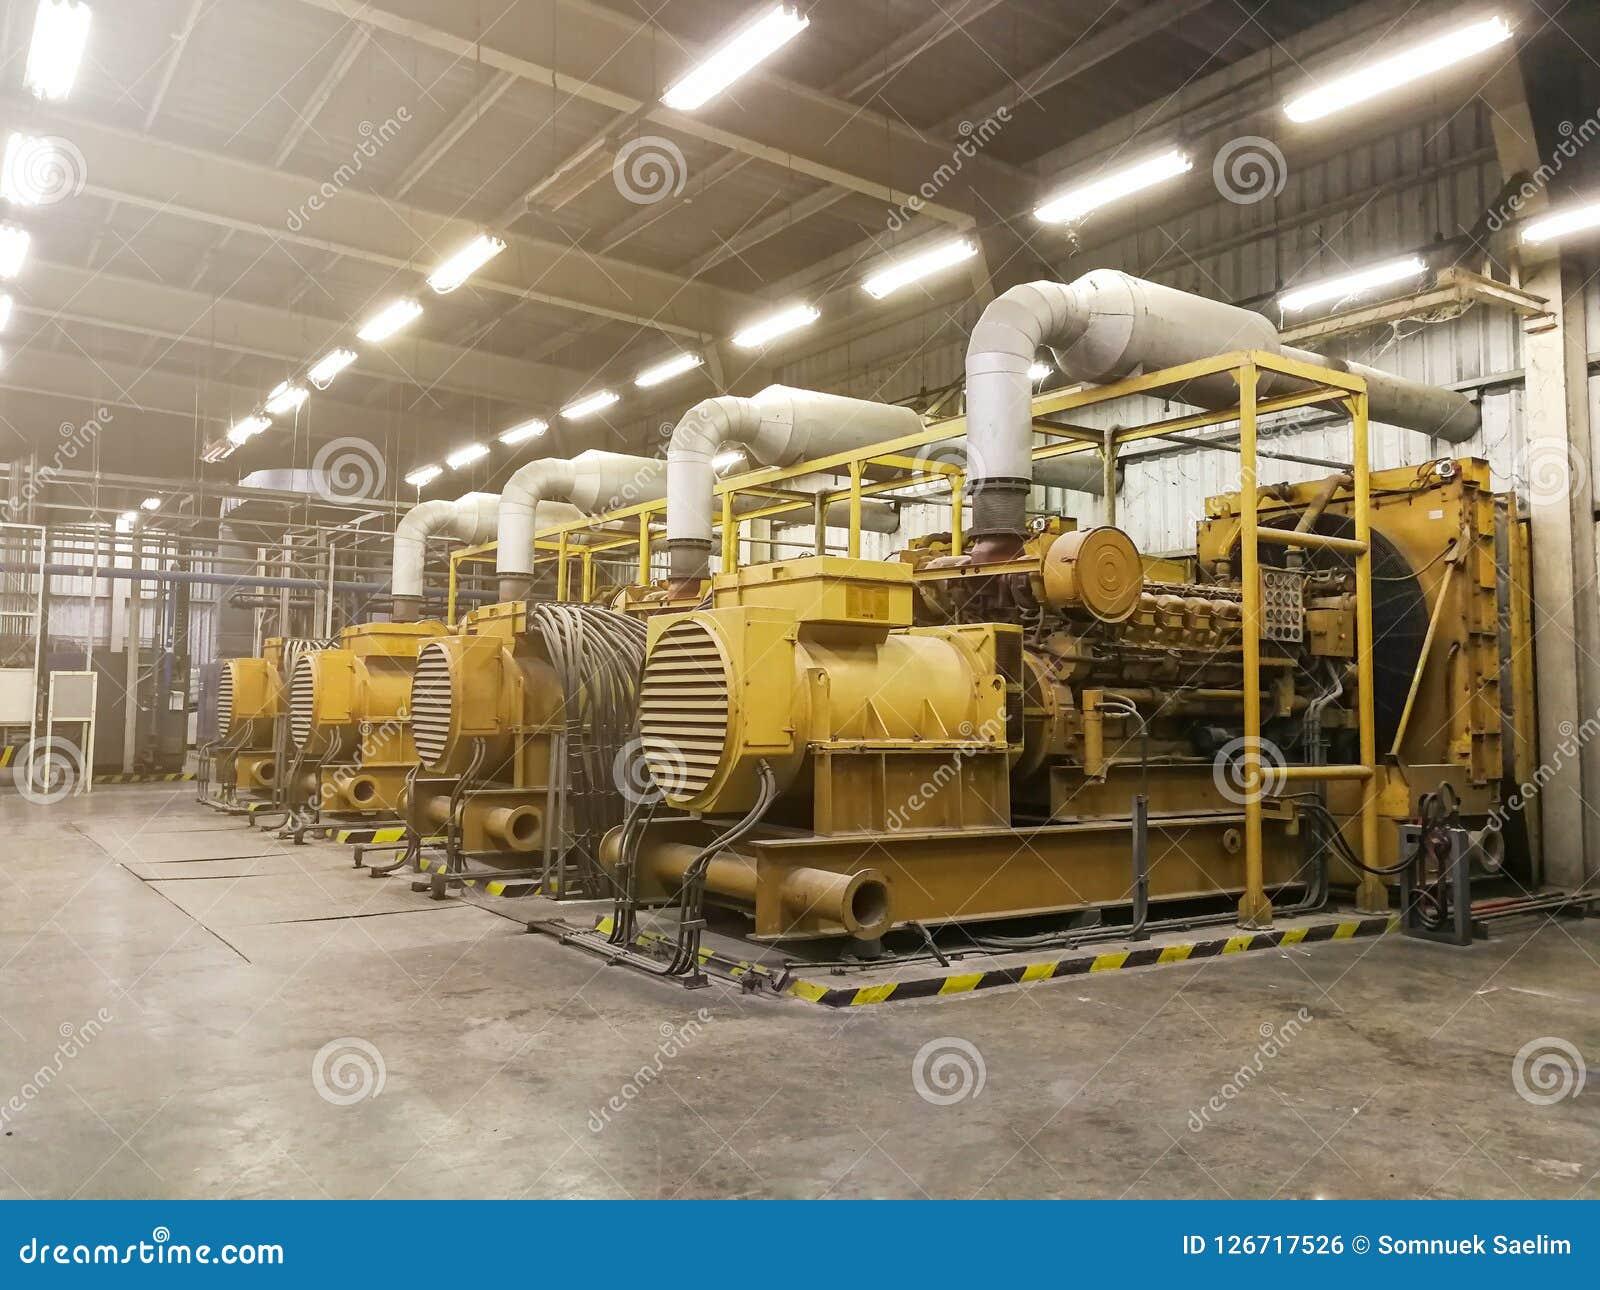 Μια πολύ μεγάλη ηλεκτρική γεννήτρια diesel στο εργοστάσιο για την έκτακτη ανάγκη,